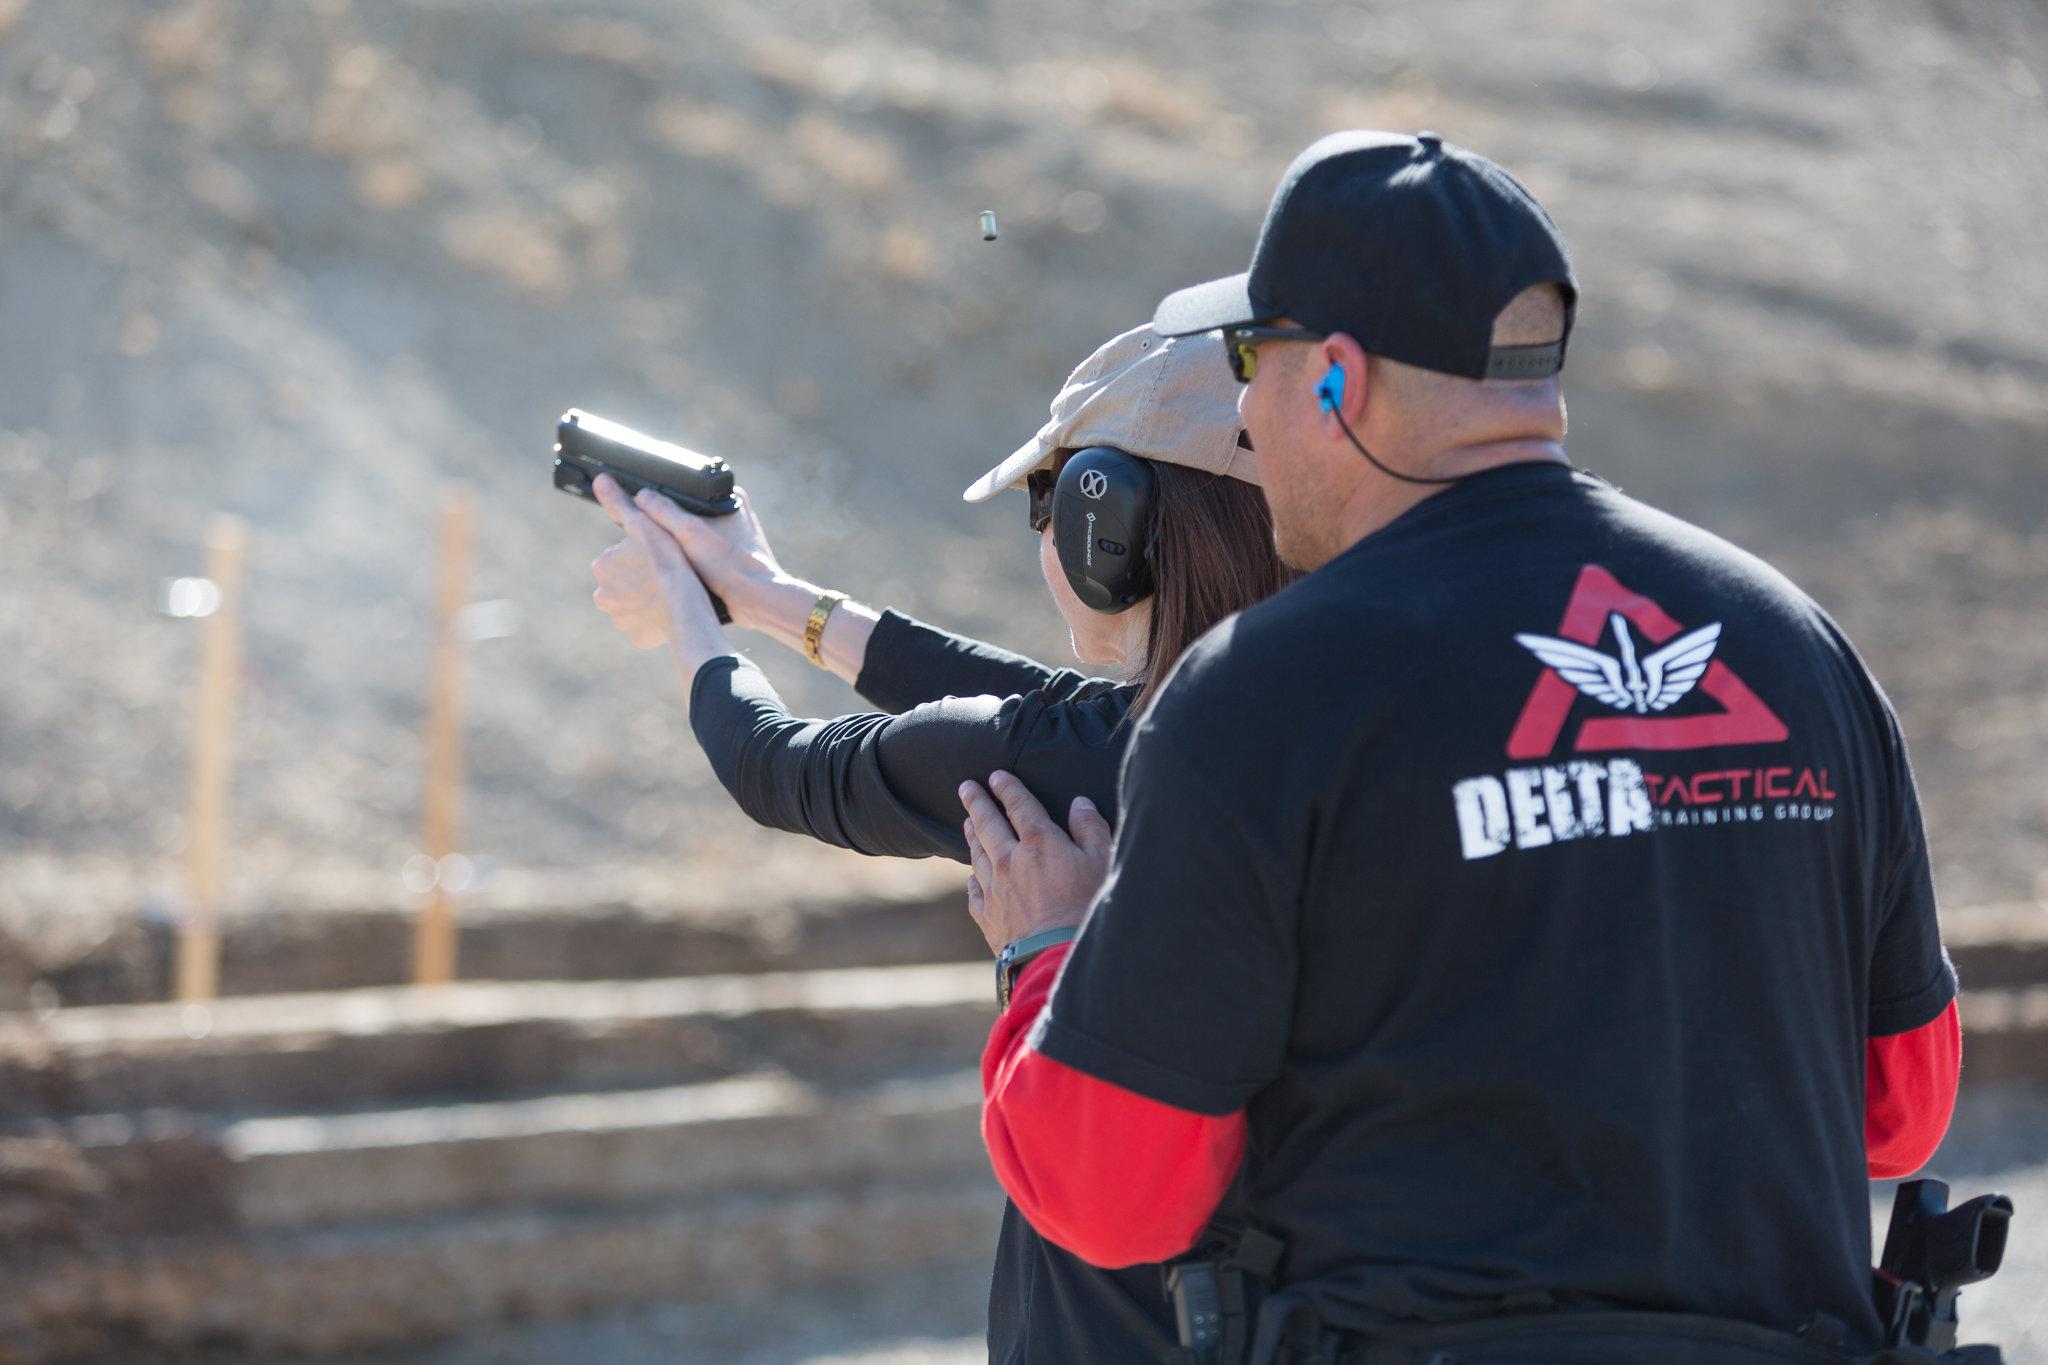 Delta Tactical 100916-0085